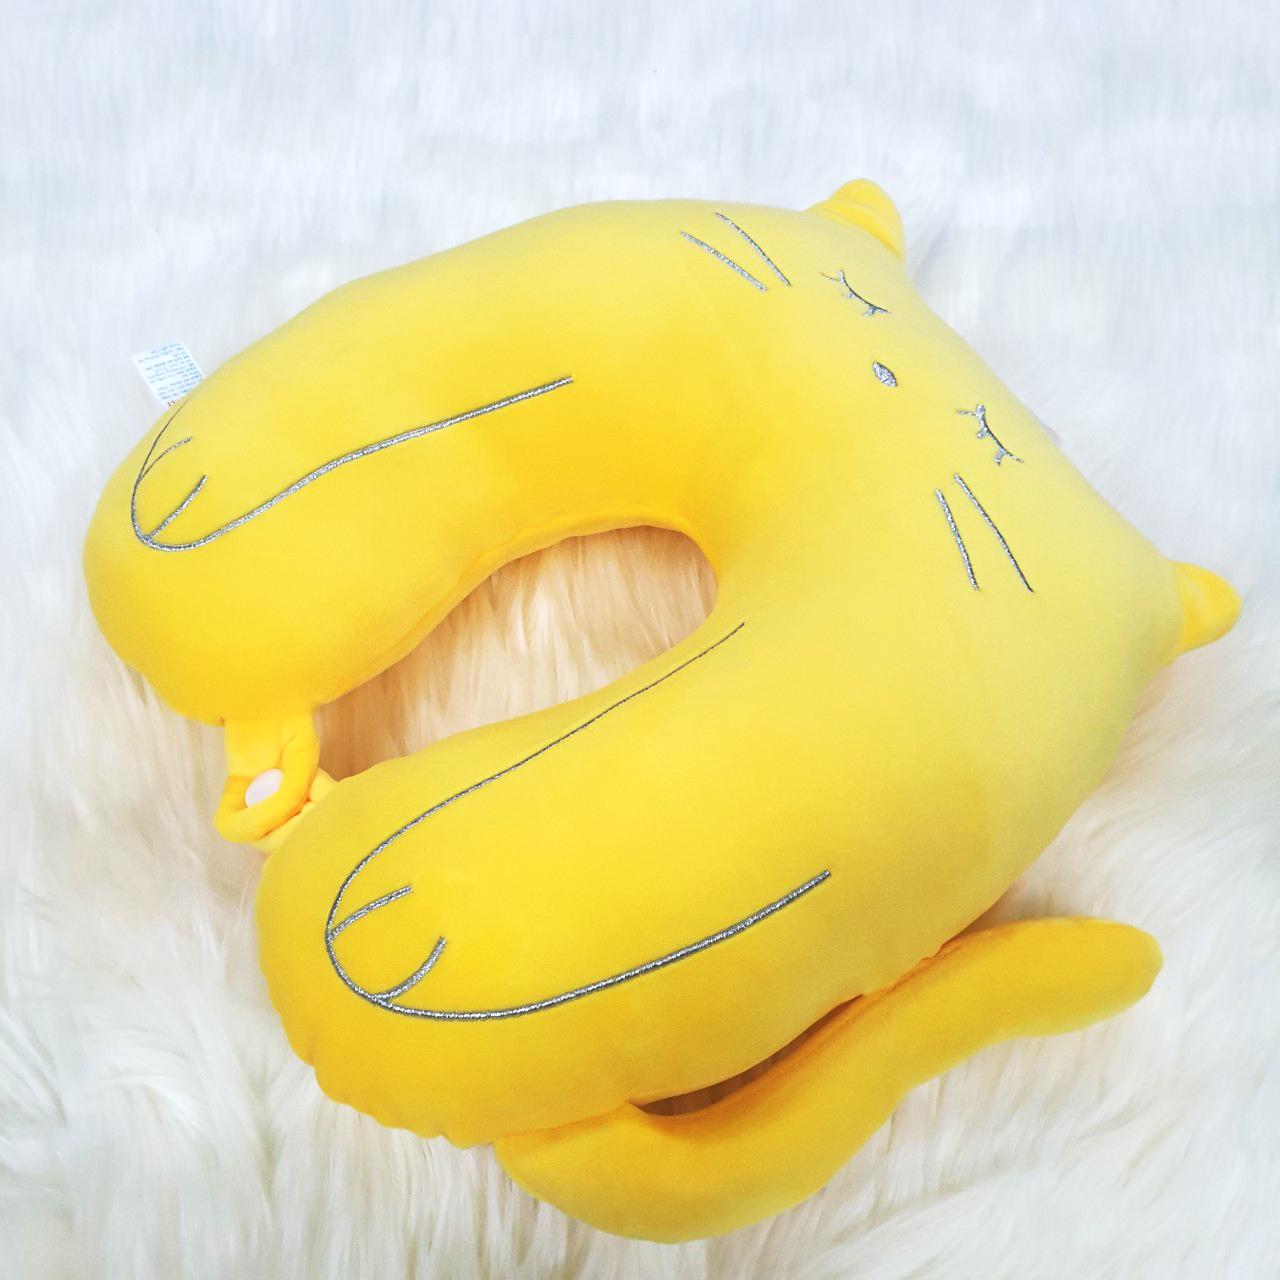 Gối chữ u tựa cổ vải nhung 4 chiều siêu mếm hình mèo màu vàng